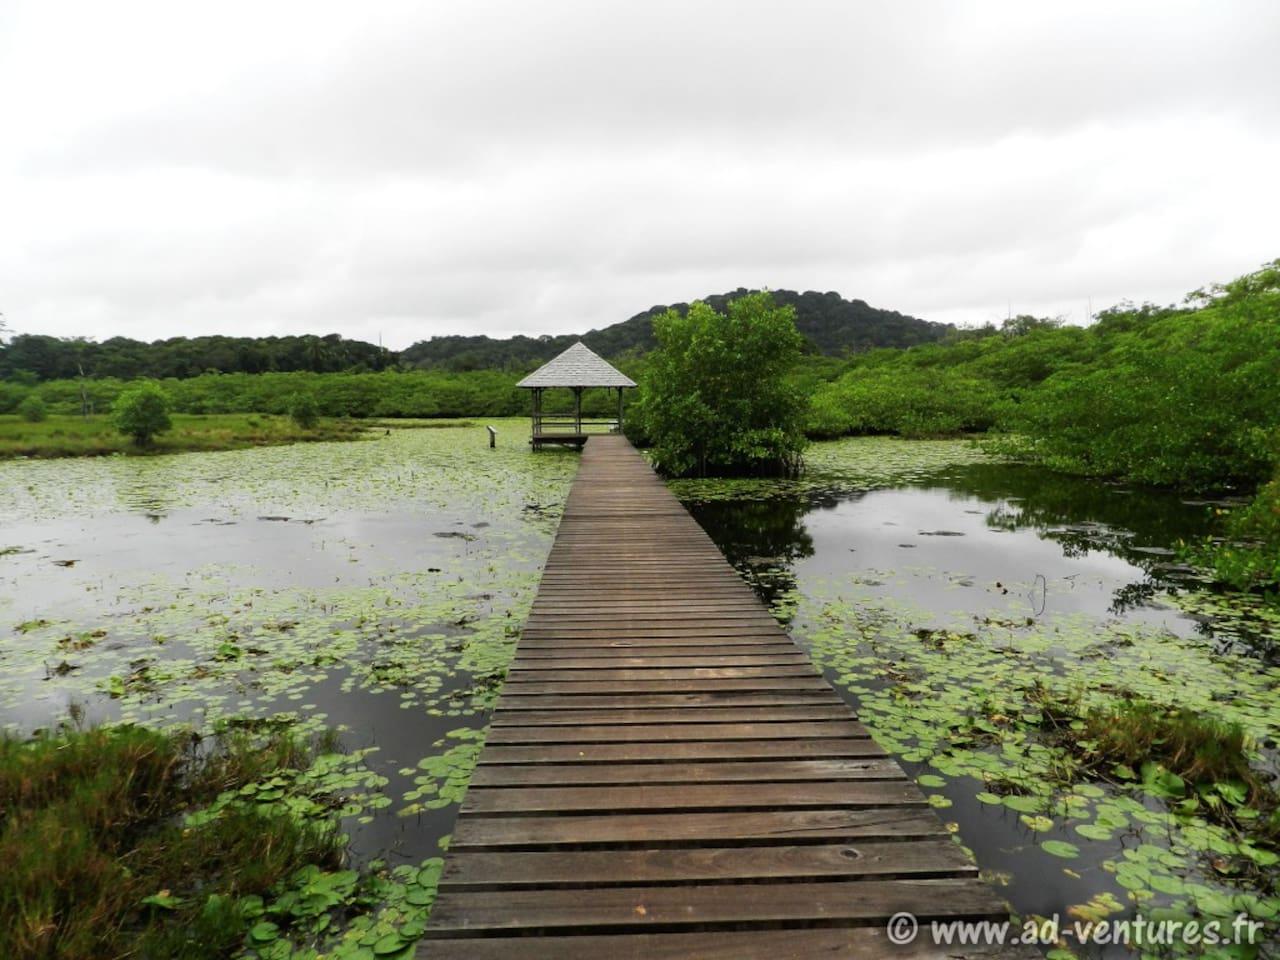 Prises de vue du logement ; Logement entier disponible, équipé, climatisé... Maison de la nature/Marais des yiyis (Sinnamary)